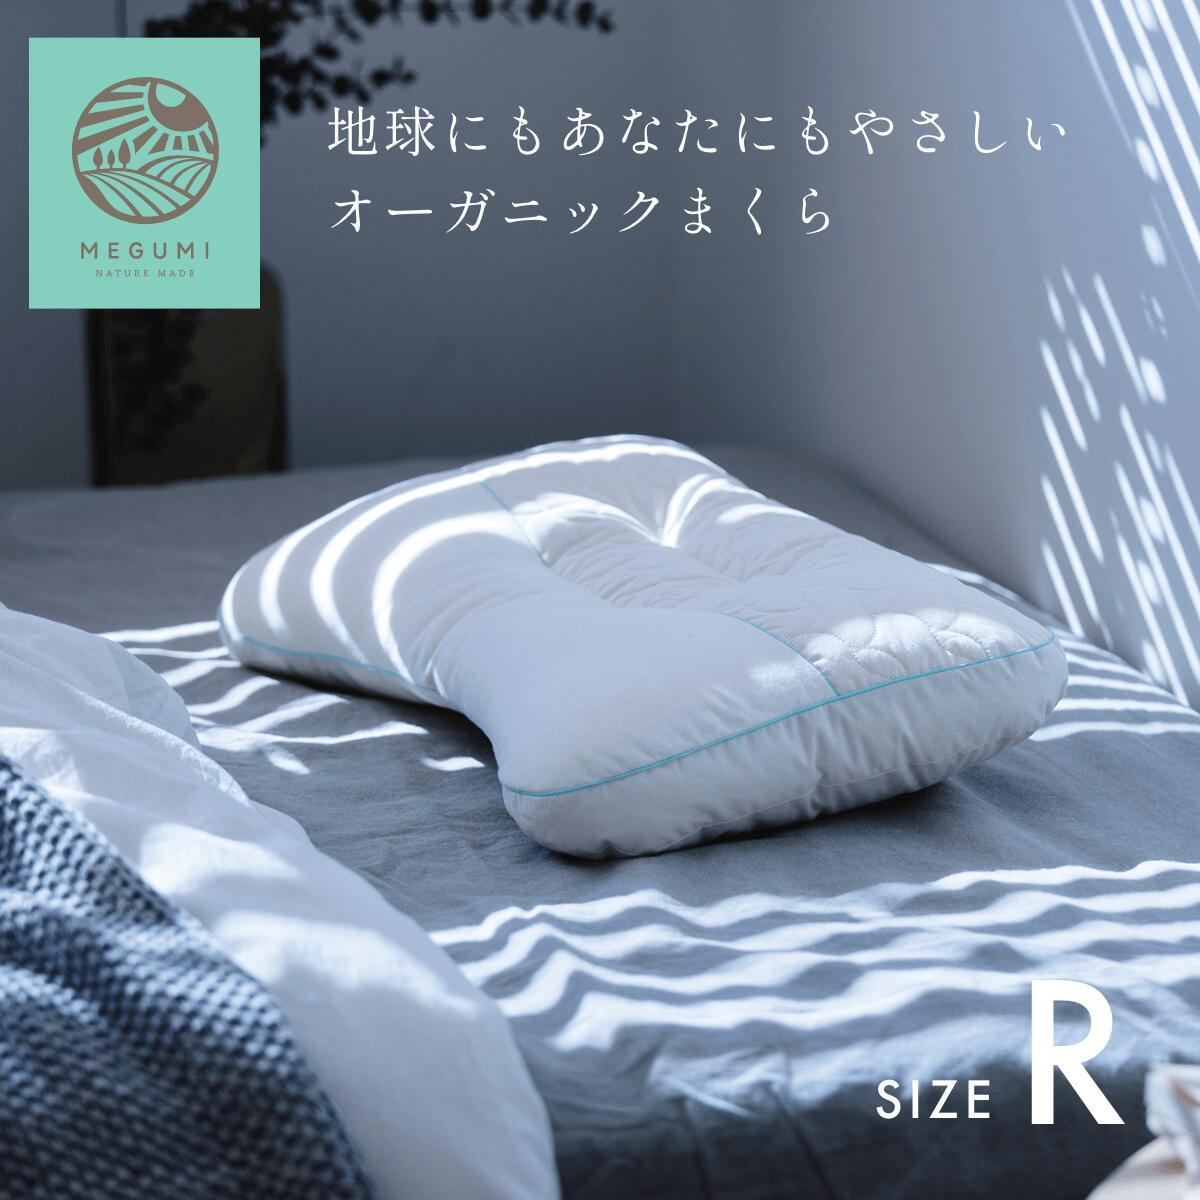 枕・抱き枕, 枕  megumi 35x55